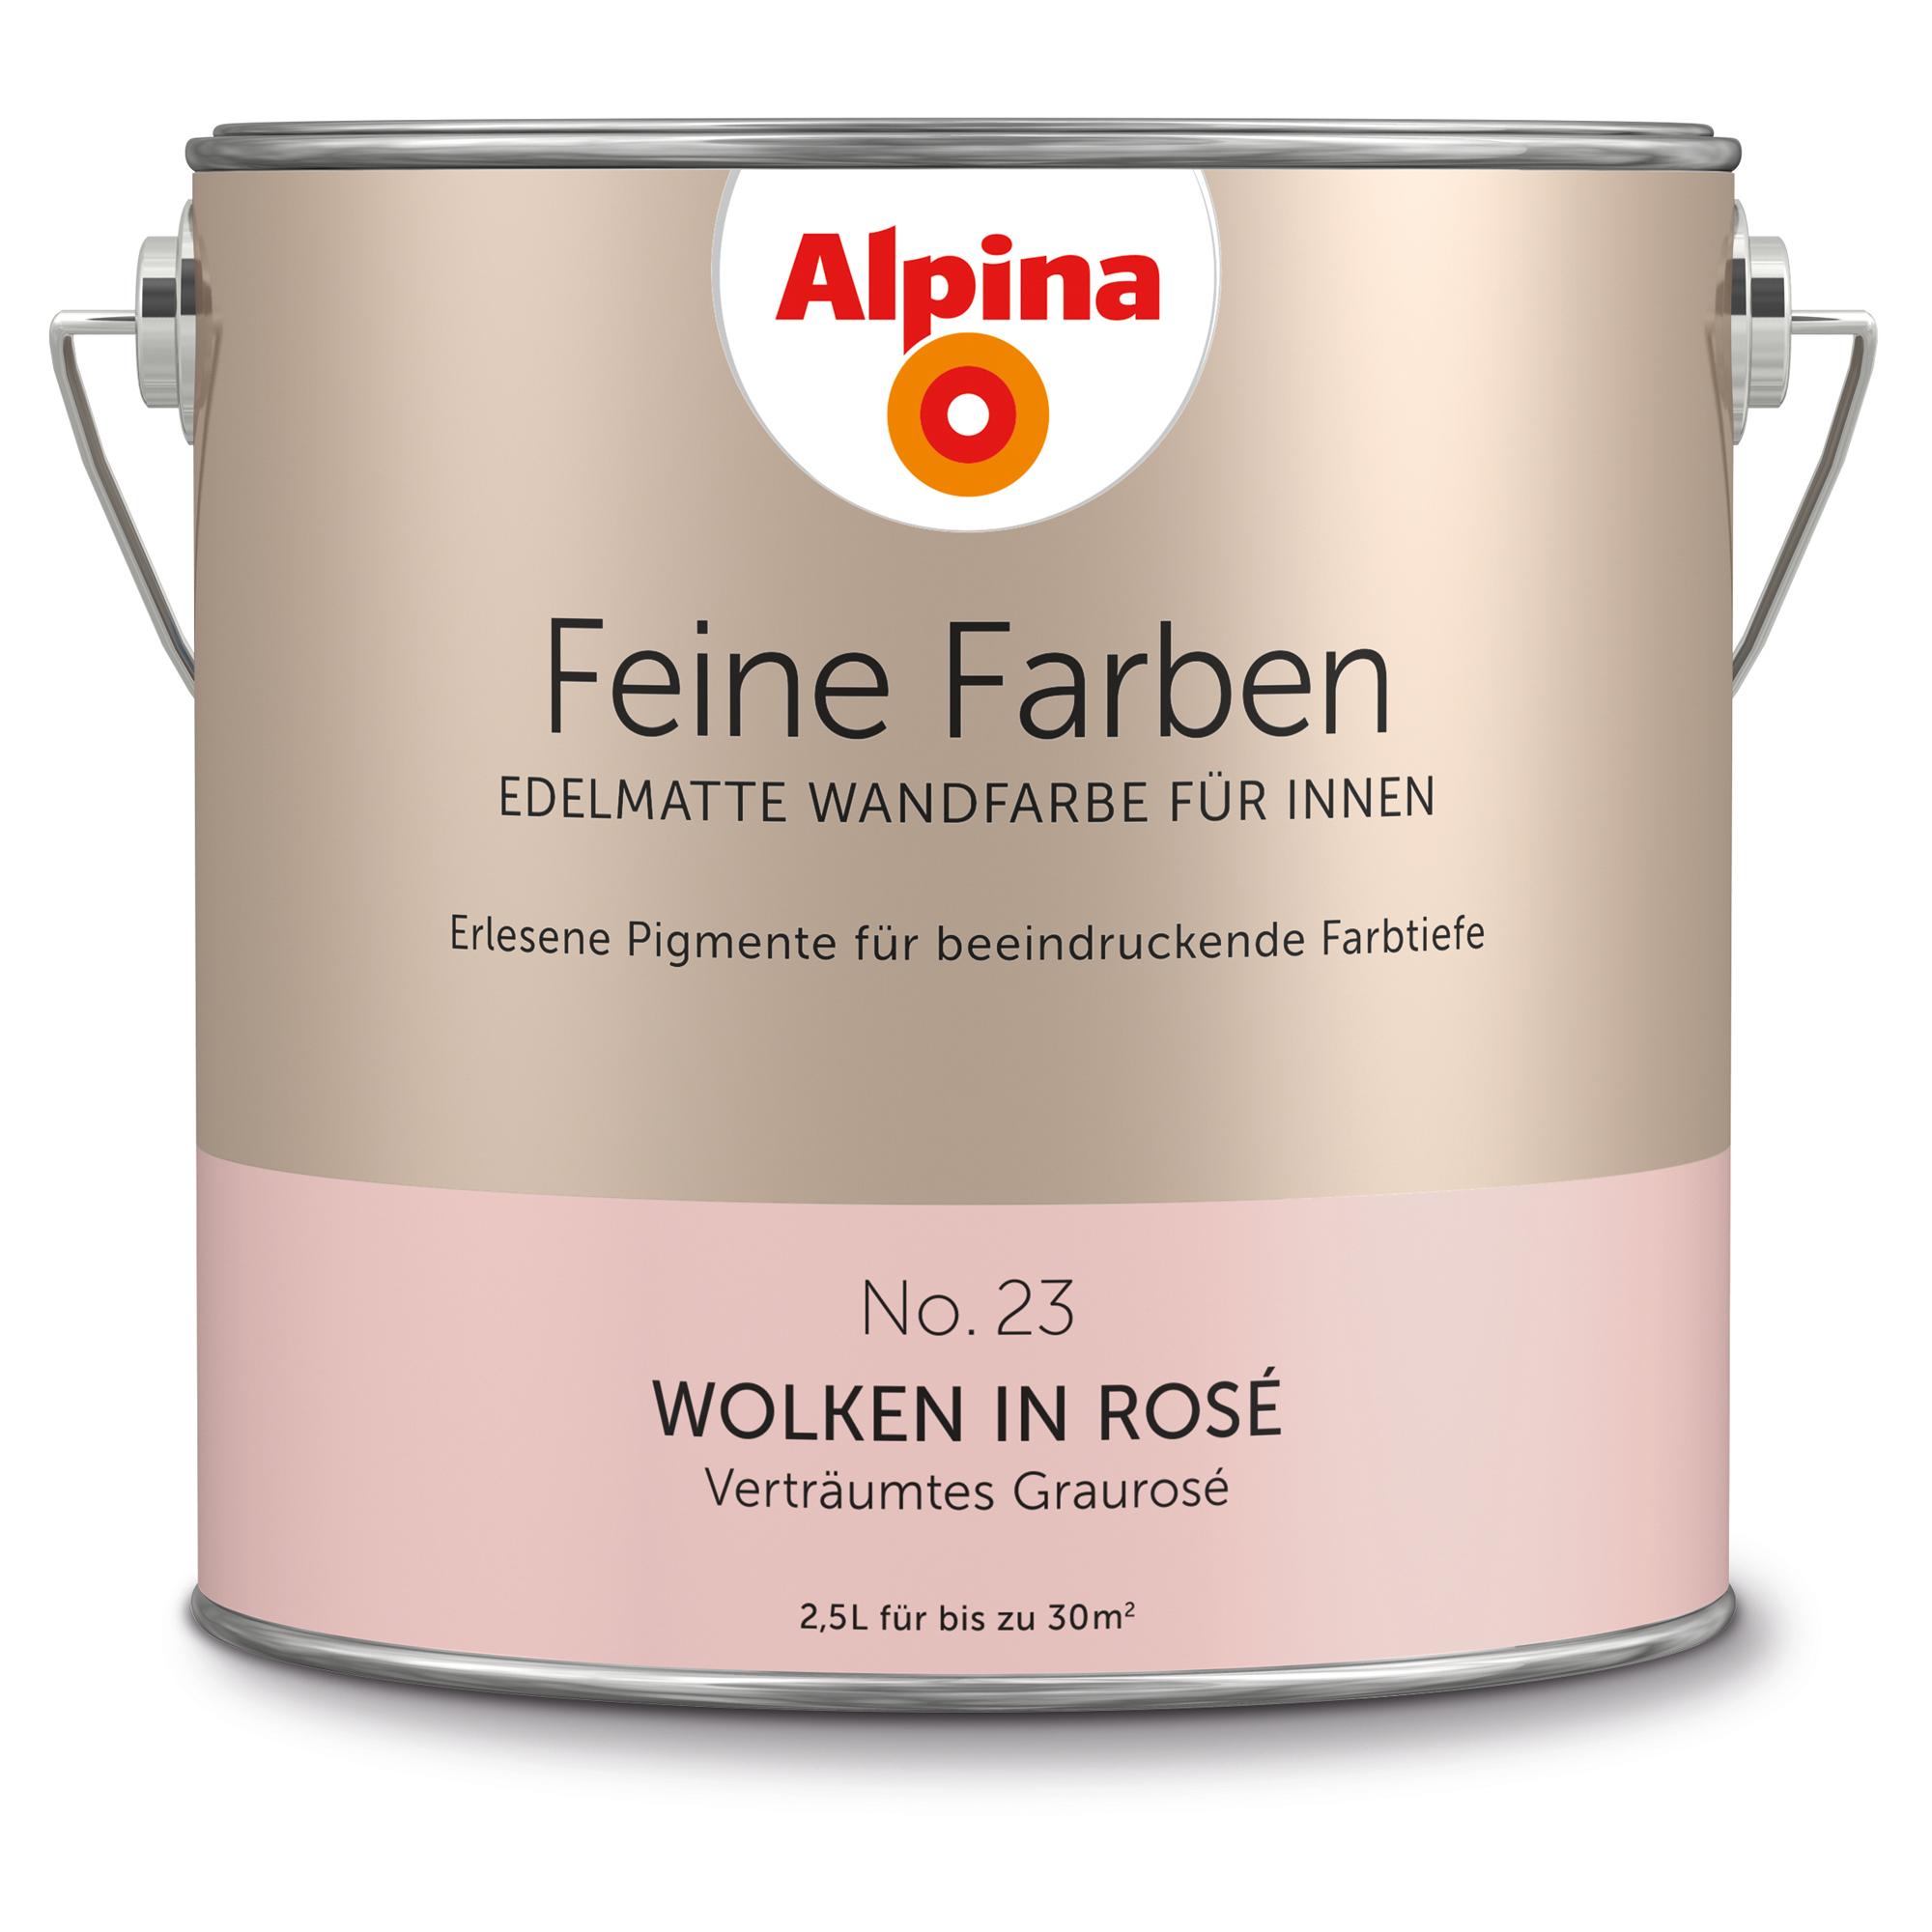 Alpina Wandfarbe Feine Farben No 23 Wolken In Rose Graurose 2 5 L ǀ Toom Baumarkt